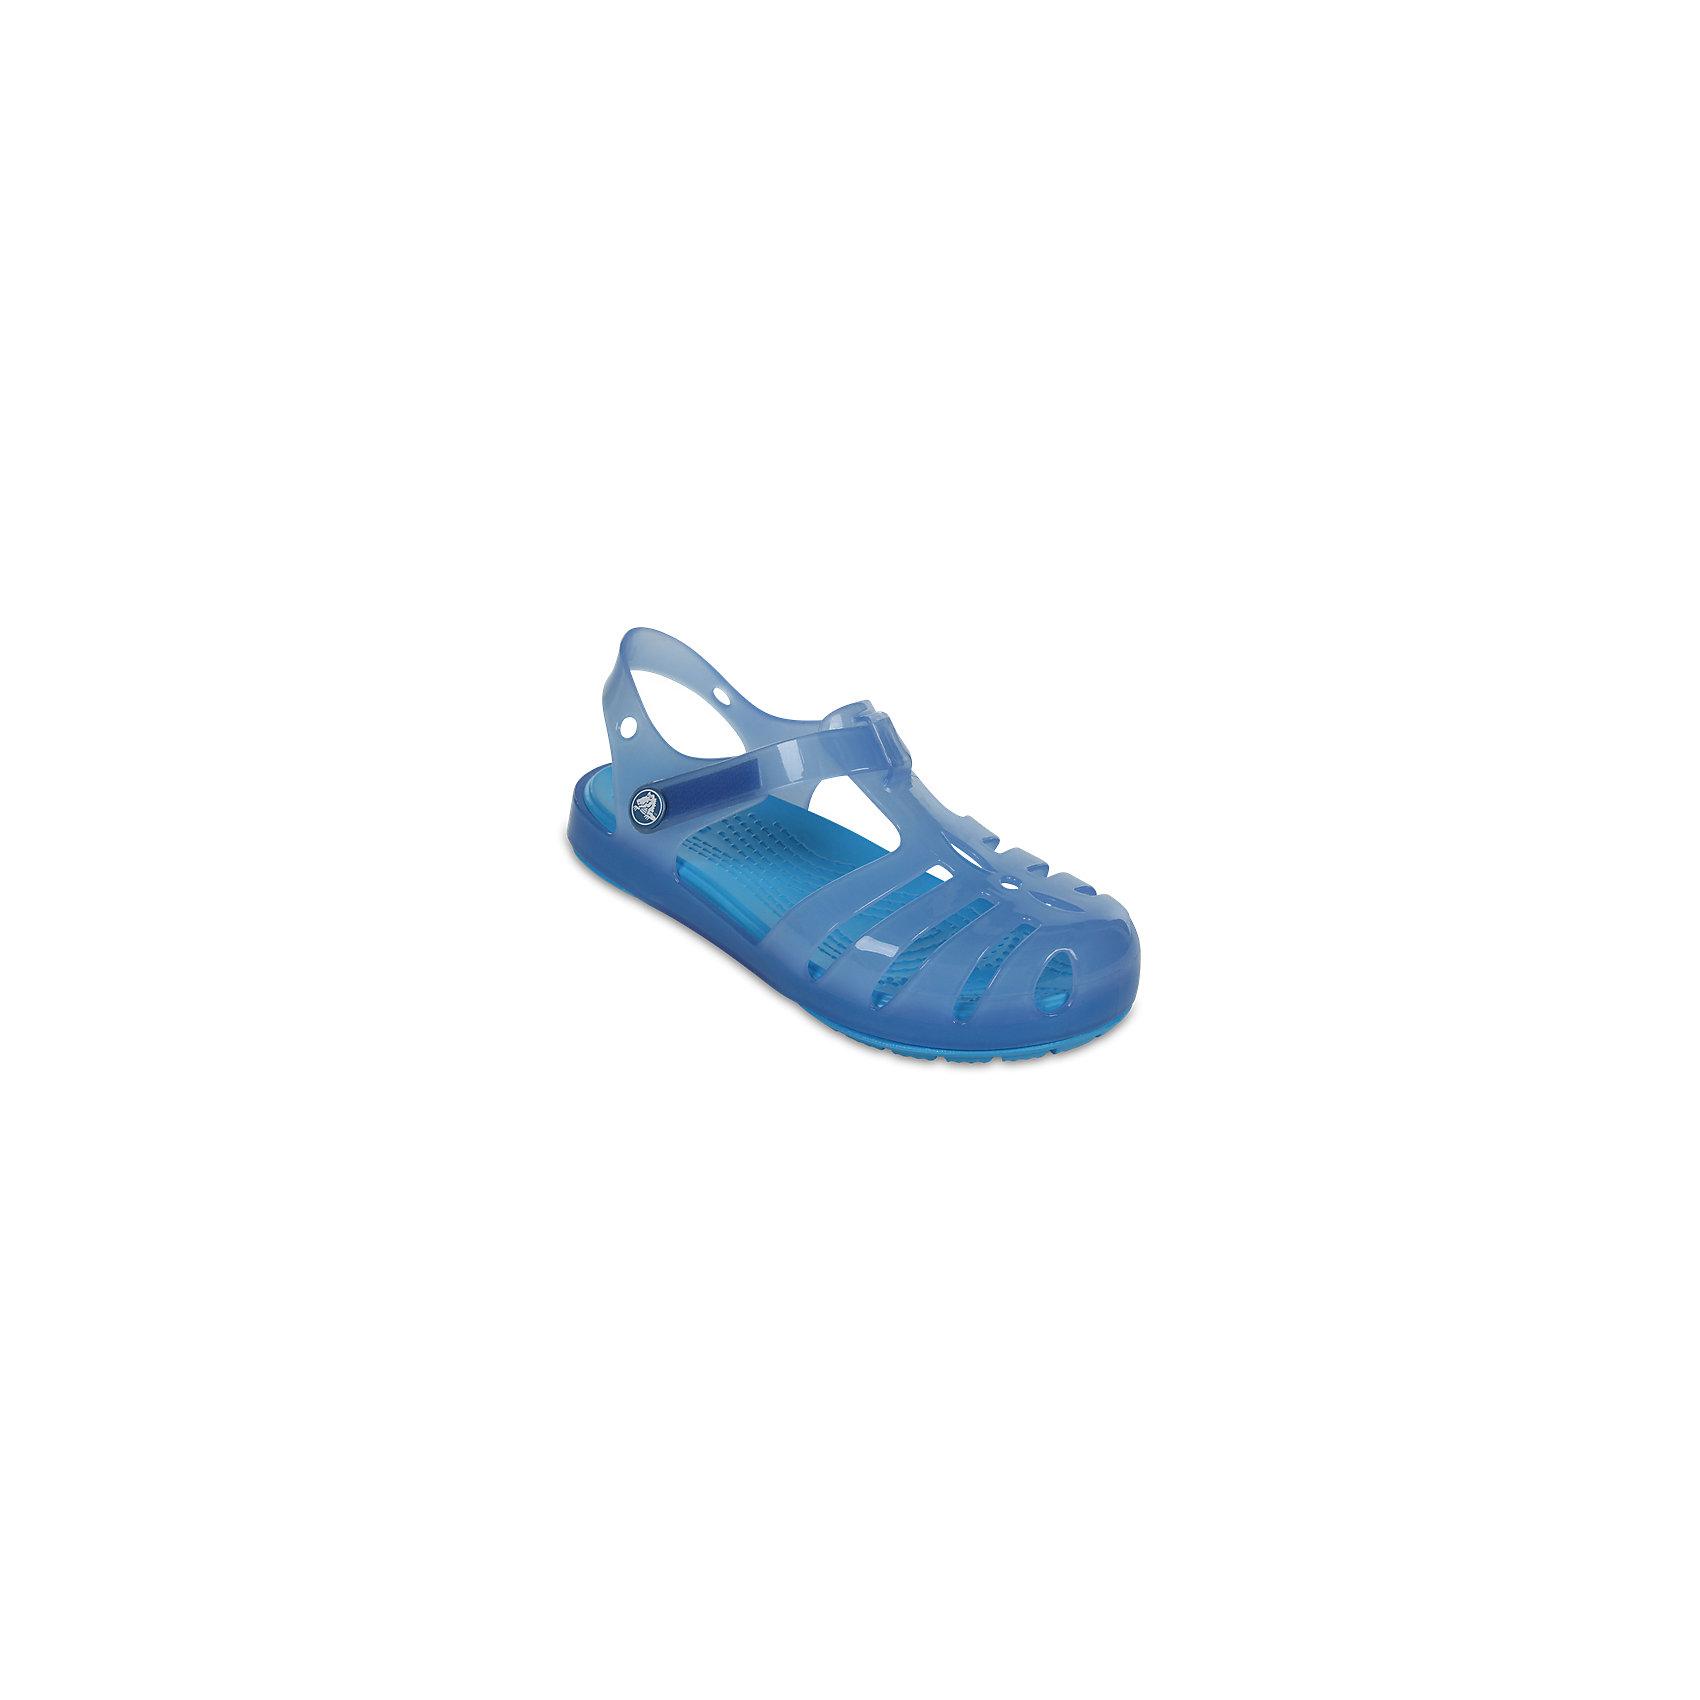 Сандалии для девочки Isabella Novelty Sandals CROCSПляжная обувь<br>Характеристики товара:<br><br>• цвет: голубой<br>• сезон: лето<br>• тип сандалей: закрытые<br>• материал: 100% полимер Croslite™<br>• литая модель<br>• бактериостатичный материал<br>• пяточный ремешок фиксирует стопу<br>• устойчивая подошва<br>• анатомическая стелька с массажными точками<br>• страна бренда: США<br>• страна изготовитель: Китай<br><br>Для правильного развития ребенка крайне важно, чтобы обувь была удобной. <br><br>Такие сандалии обеспечивают детям необходимый комфорт, а анатомическая стелька с массажными линиями для стимуляции кровообращения позволяет ножкам дольше не уставать. <br><br>Сандалии легко надеваются и снимаются, отлично сидят на ноге. Материал, из которого они сделаны, не дает размножаться бактериям, поэтому такая обувь препятствует образованию неприятного запаха и появлению болезней стоп. <br><br>Продукция Crocs - это качественные товары, созданные с применением новейших технологий. Обувь отличается стильным дизайном и продуманной конструкцией.<br><br>Сандалии для девочки Isabella Novelty Sandals от торговой марки Crocs можно купить в нашем интернет-магазине.<br><br>Ширина мм: 219<br>Глубина мм: 154<br>Высота мм: 121<br>Вес г: 343<br>Цвет: синий<br>Возраст от месяцев: 15<br>Возраст до месяцев: 18<br>Пол: Женский<br>Возраст: Детский<br>Размер: 22,23,21,30,29,28,27,26,25,24<br>SKU: 5416842